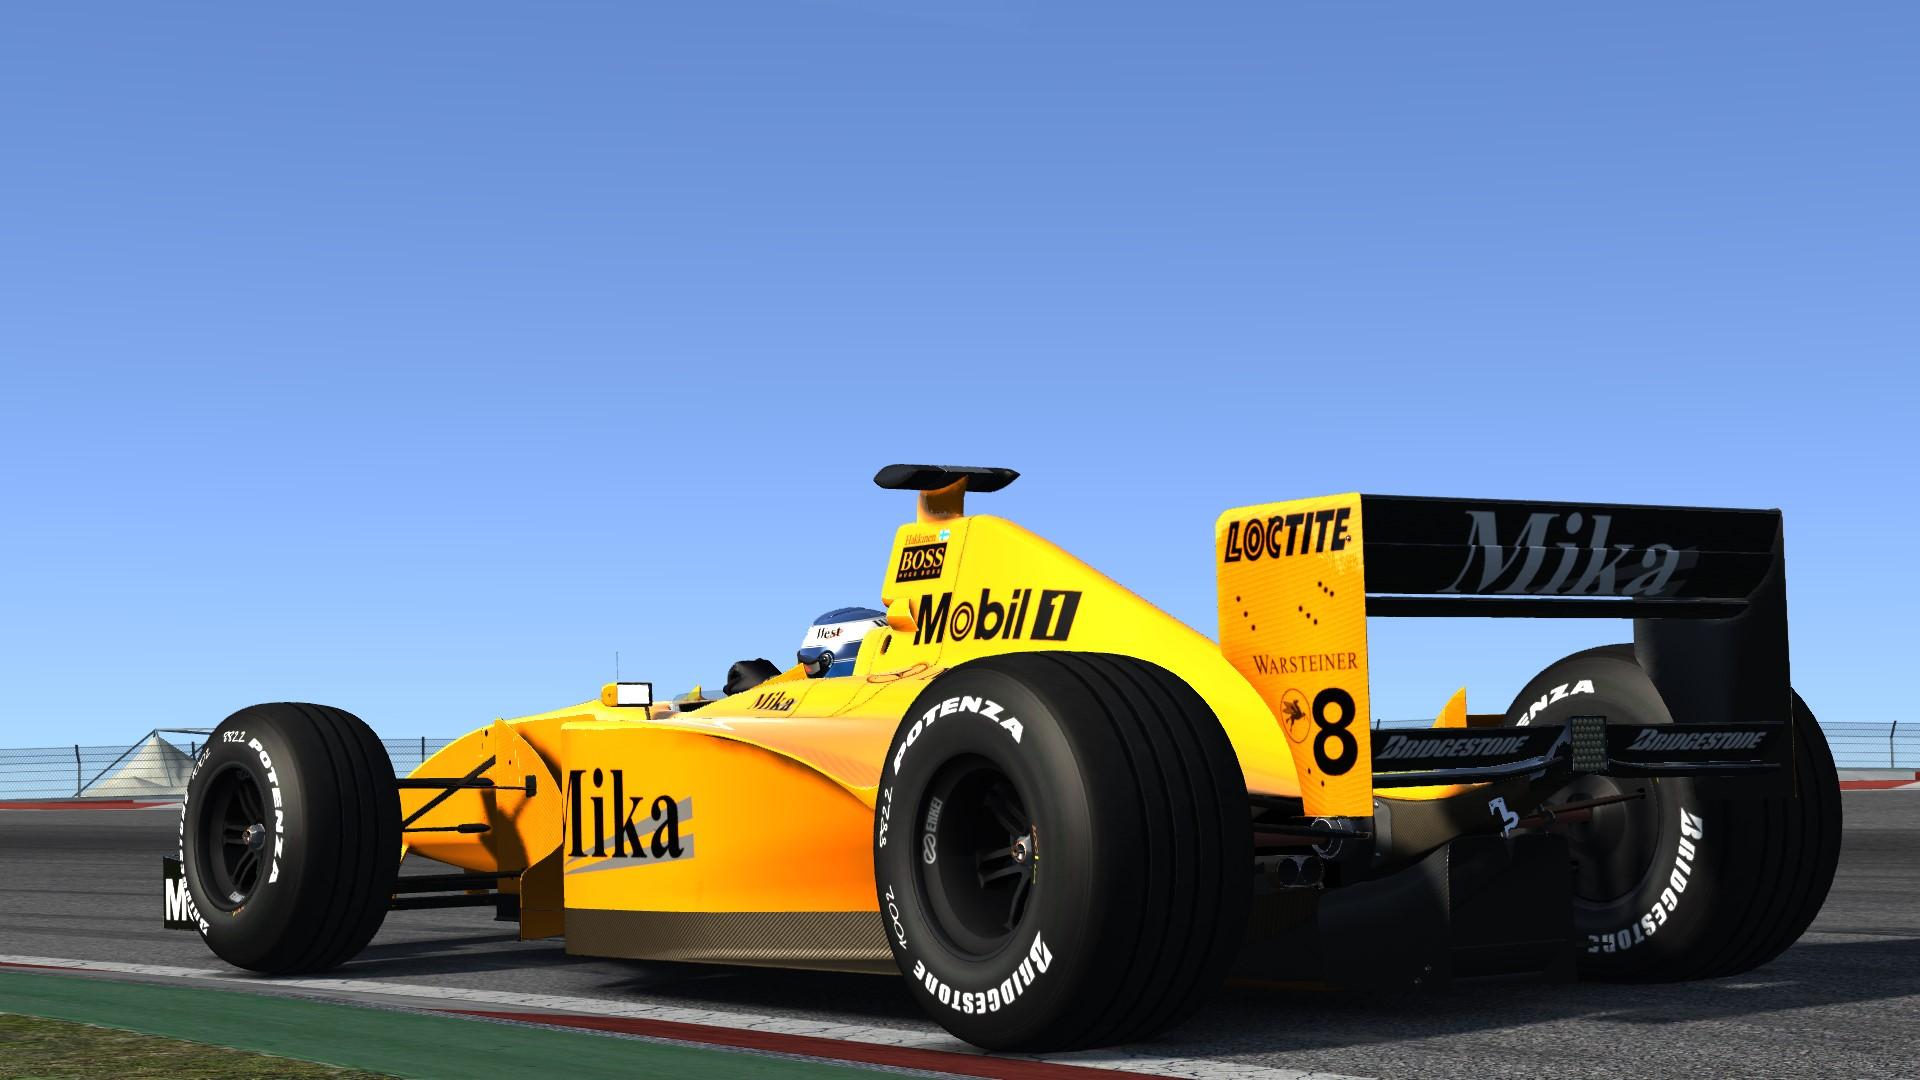 F1 LEGEND